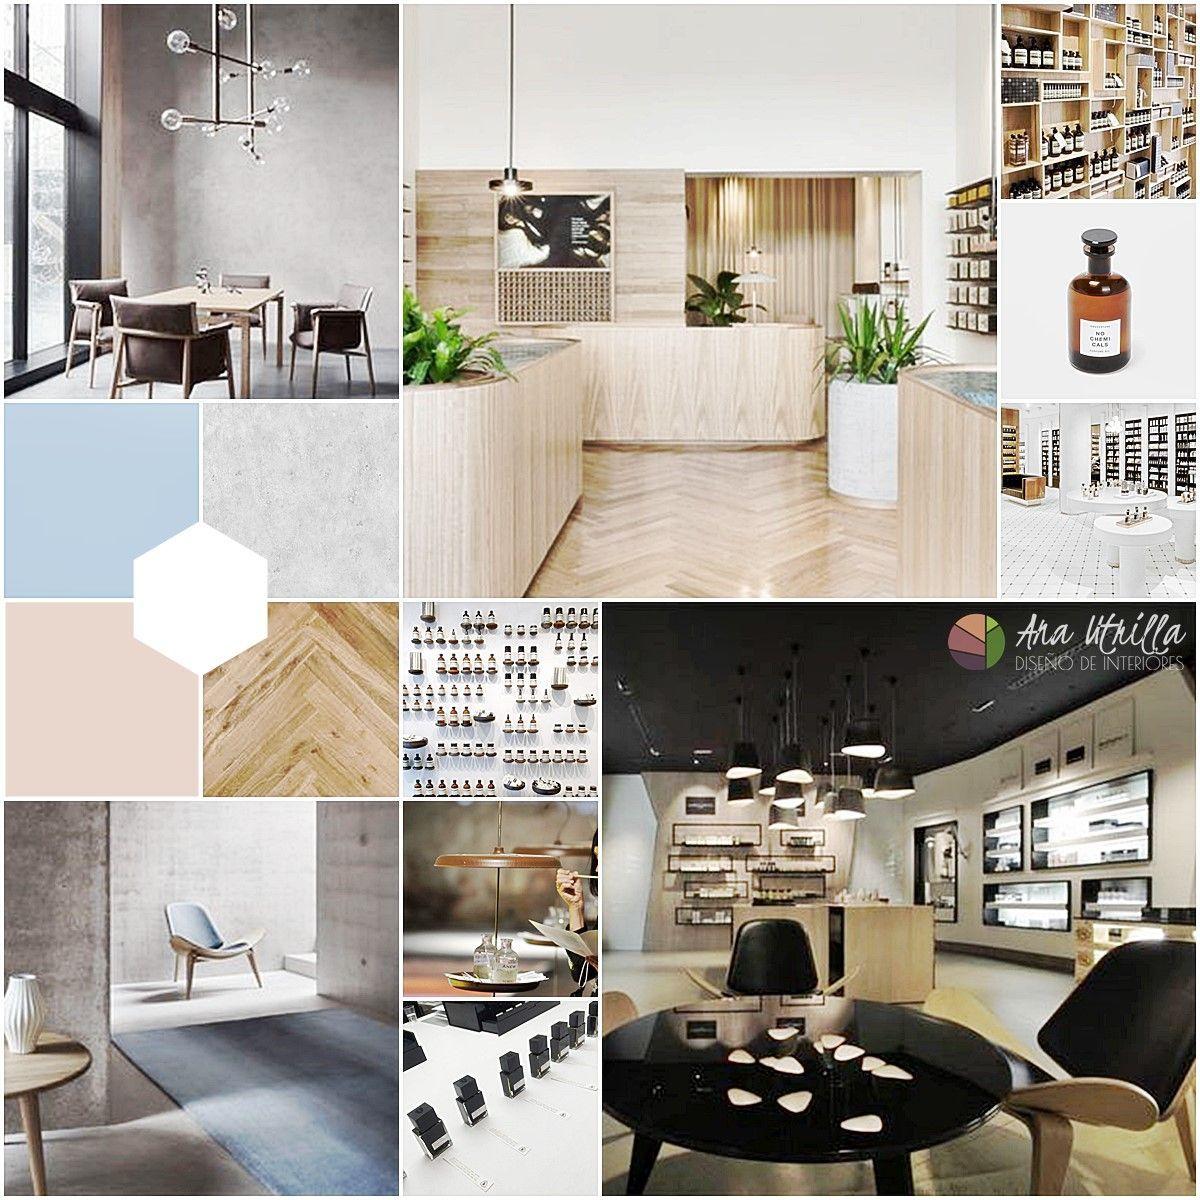 moodboard ideas previas de estilo, mobiliario, texturas, materiales por Ana Utrilla